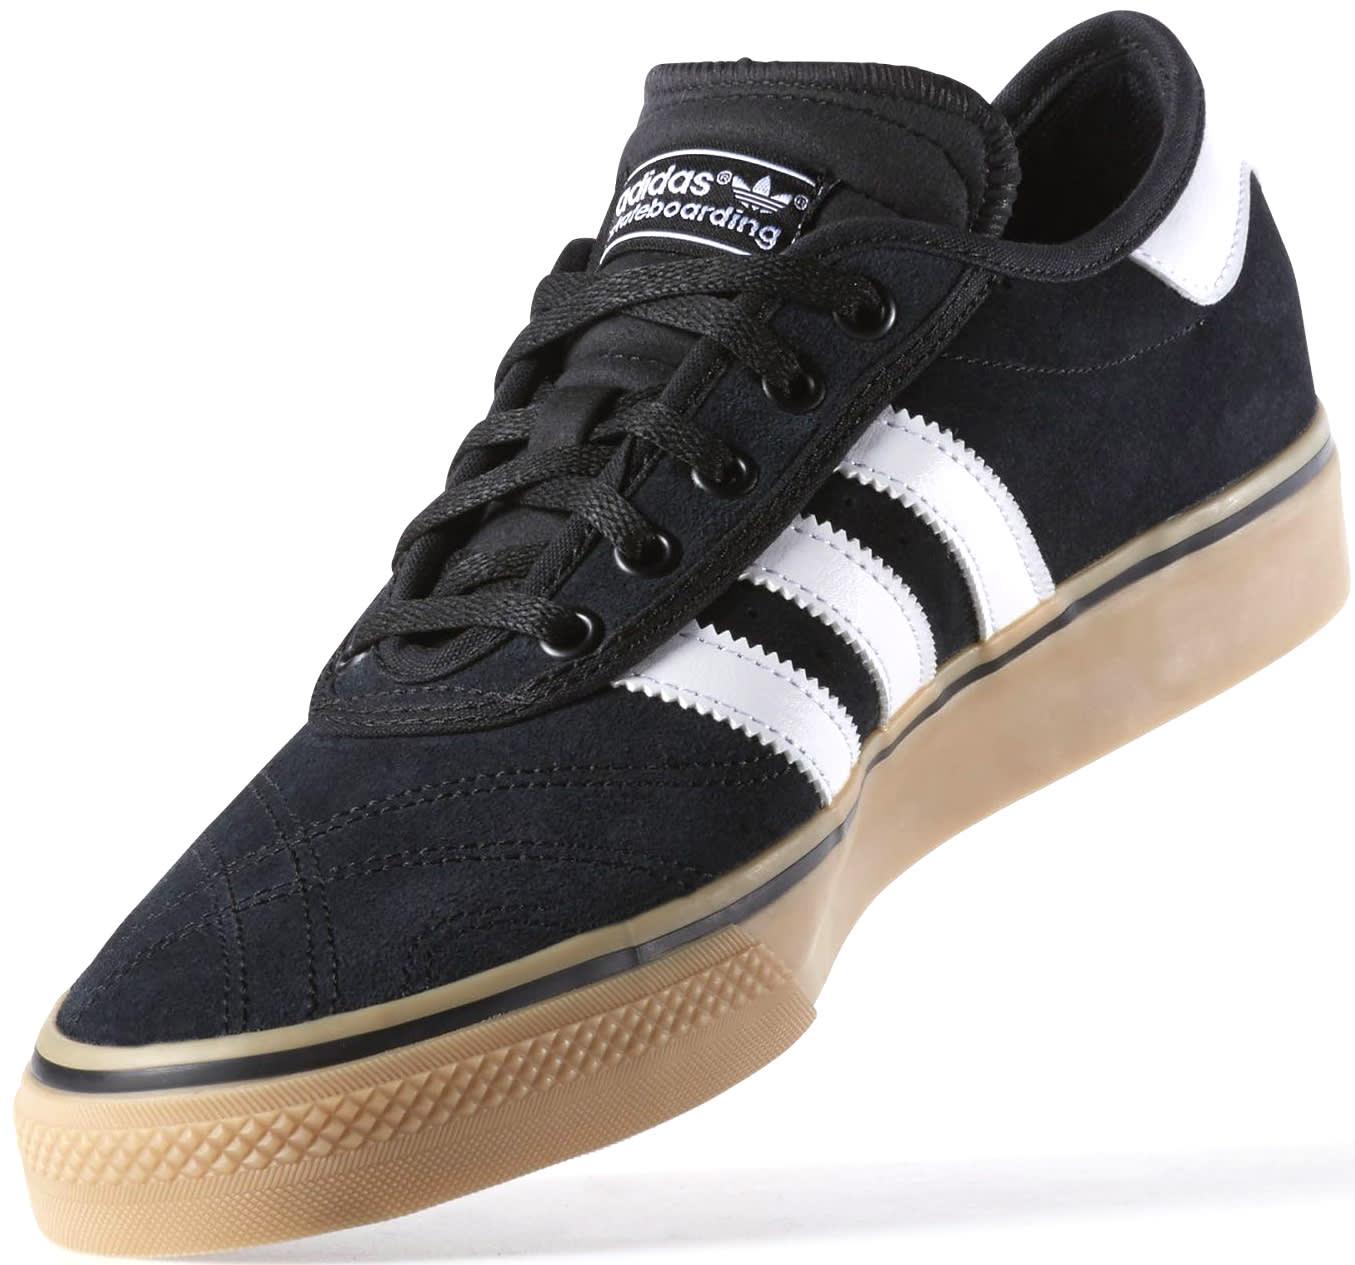 9cb2b1a0555f9 Adidas Adi-Ease Premiere ADV Skate Shoes